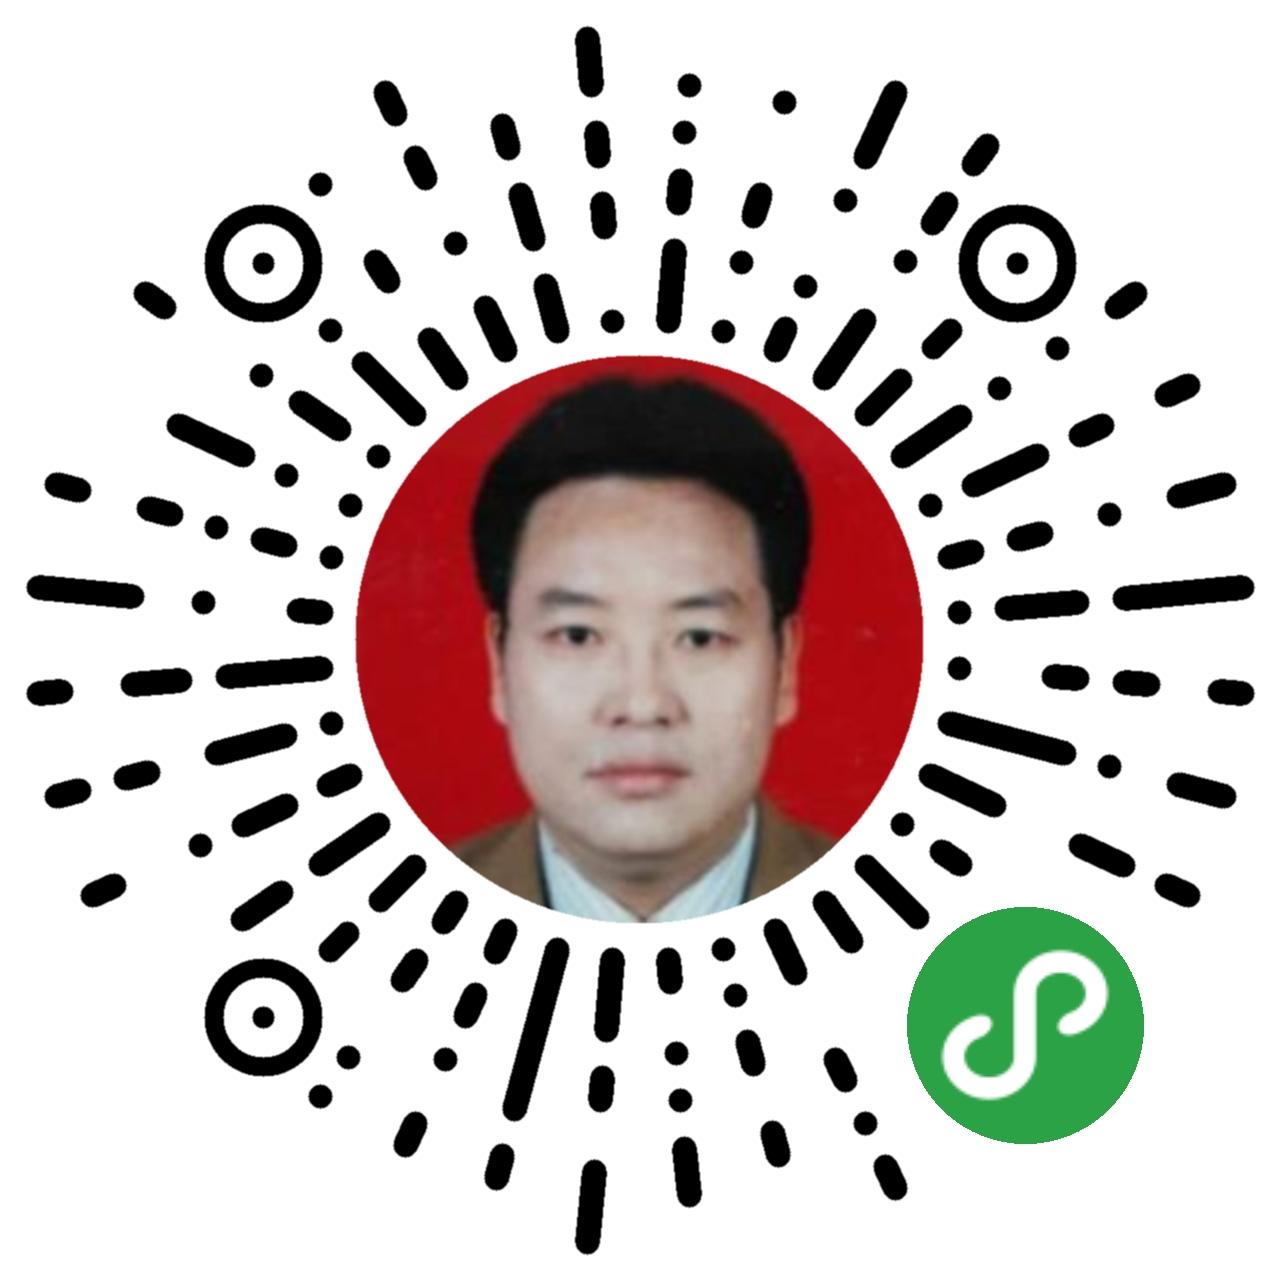 郑州律师胡兴成小程序二维码